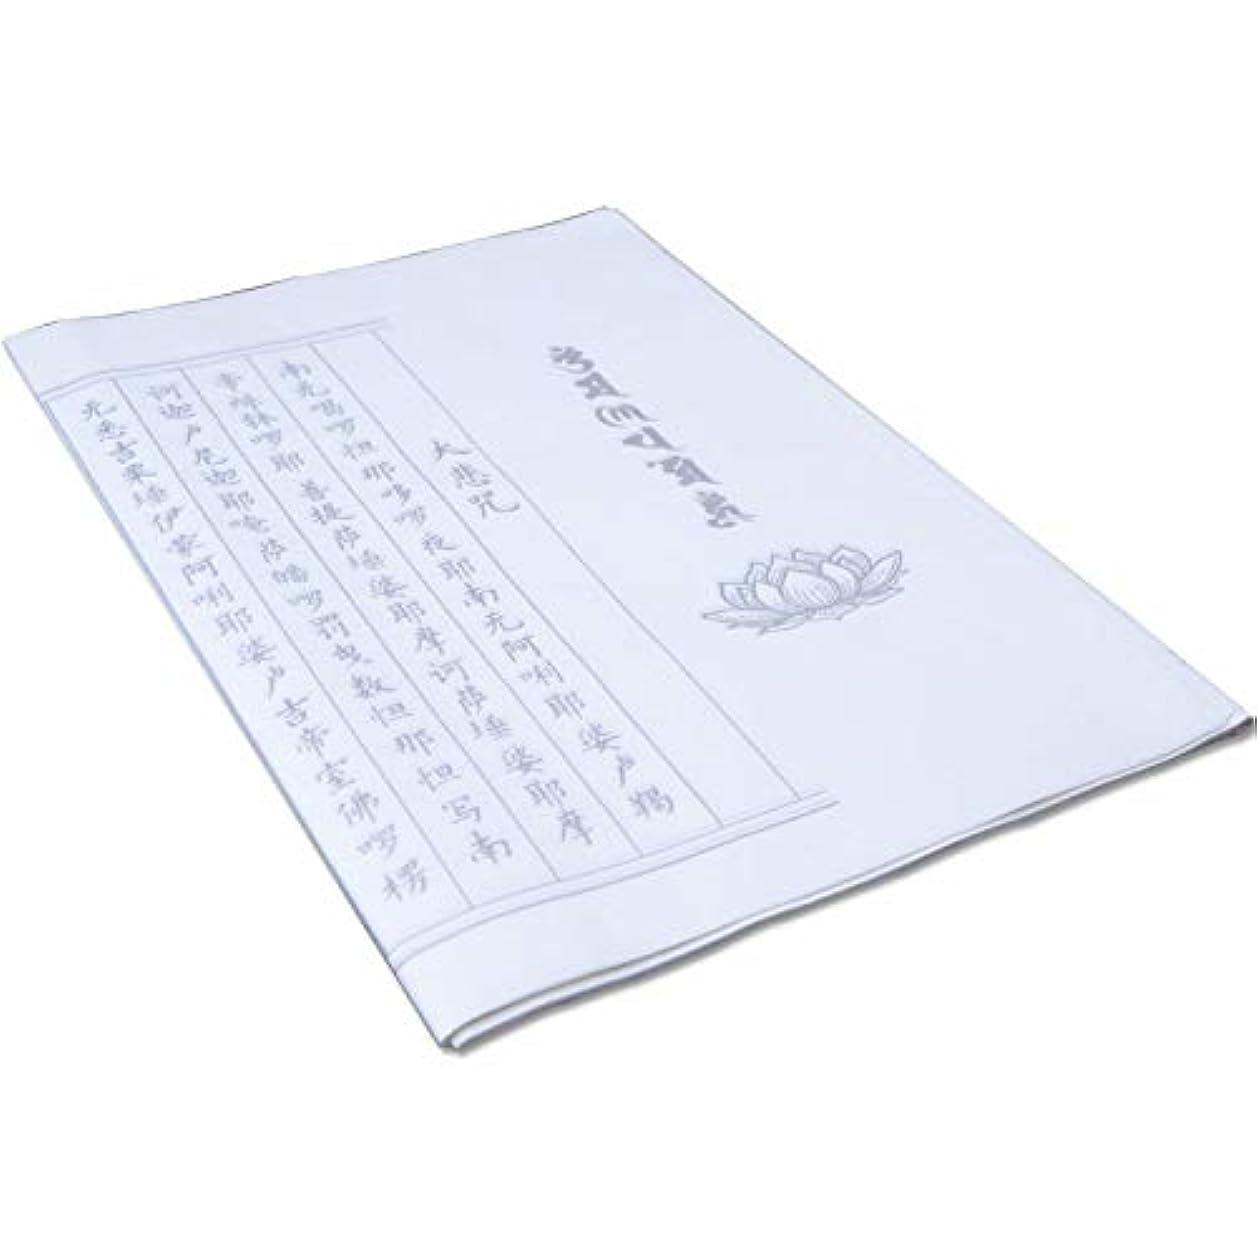 ガム乱気流浴添今堂 中国書道ブラシインク 筆記 墨紙/クアンペーパー 34cmx69cm ホワイト 10枚書道宣紙